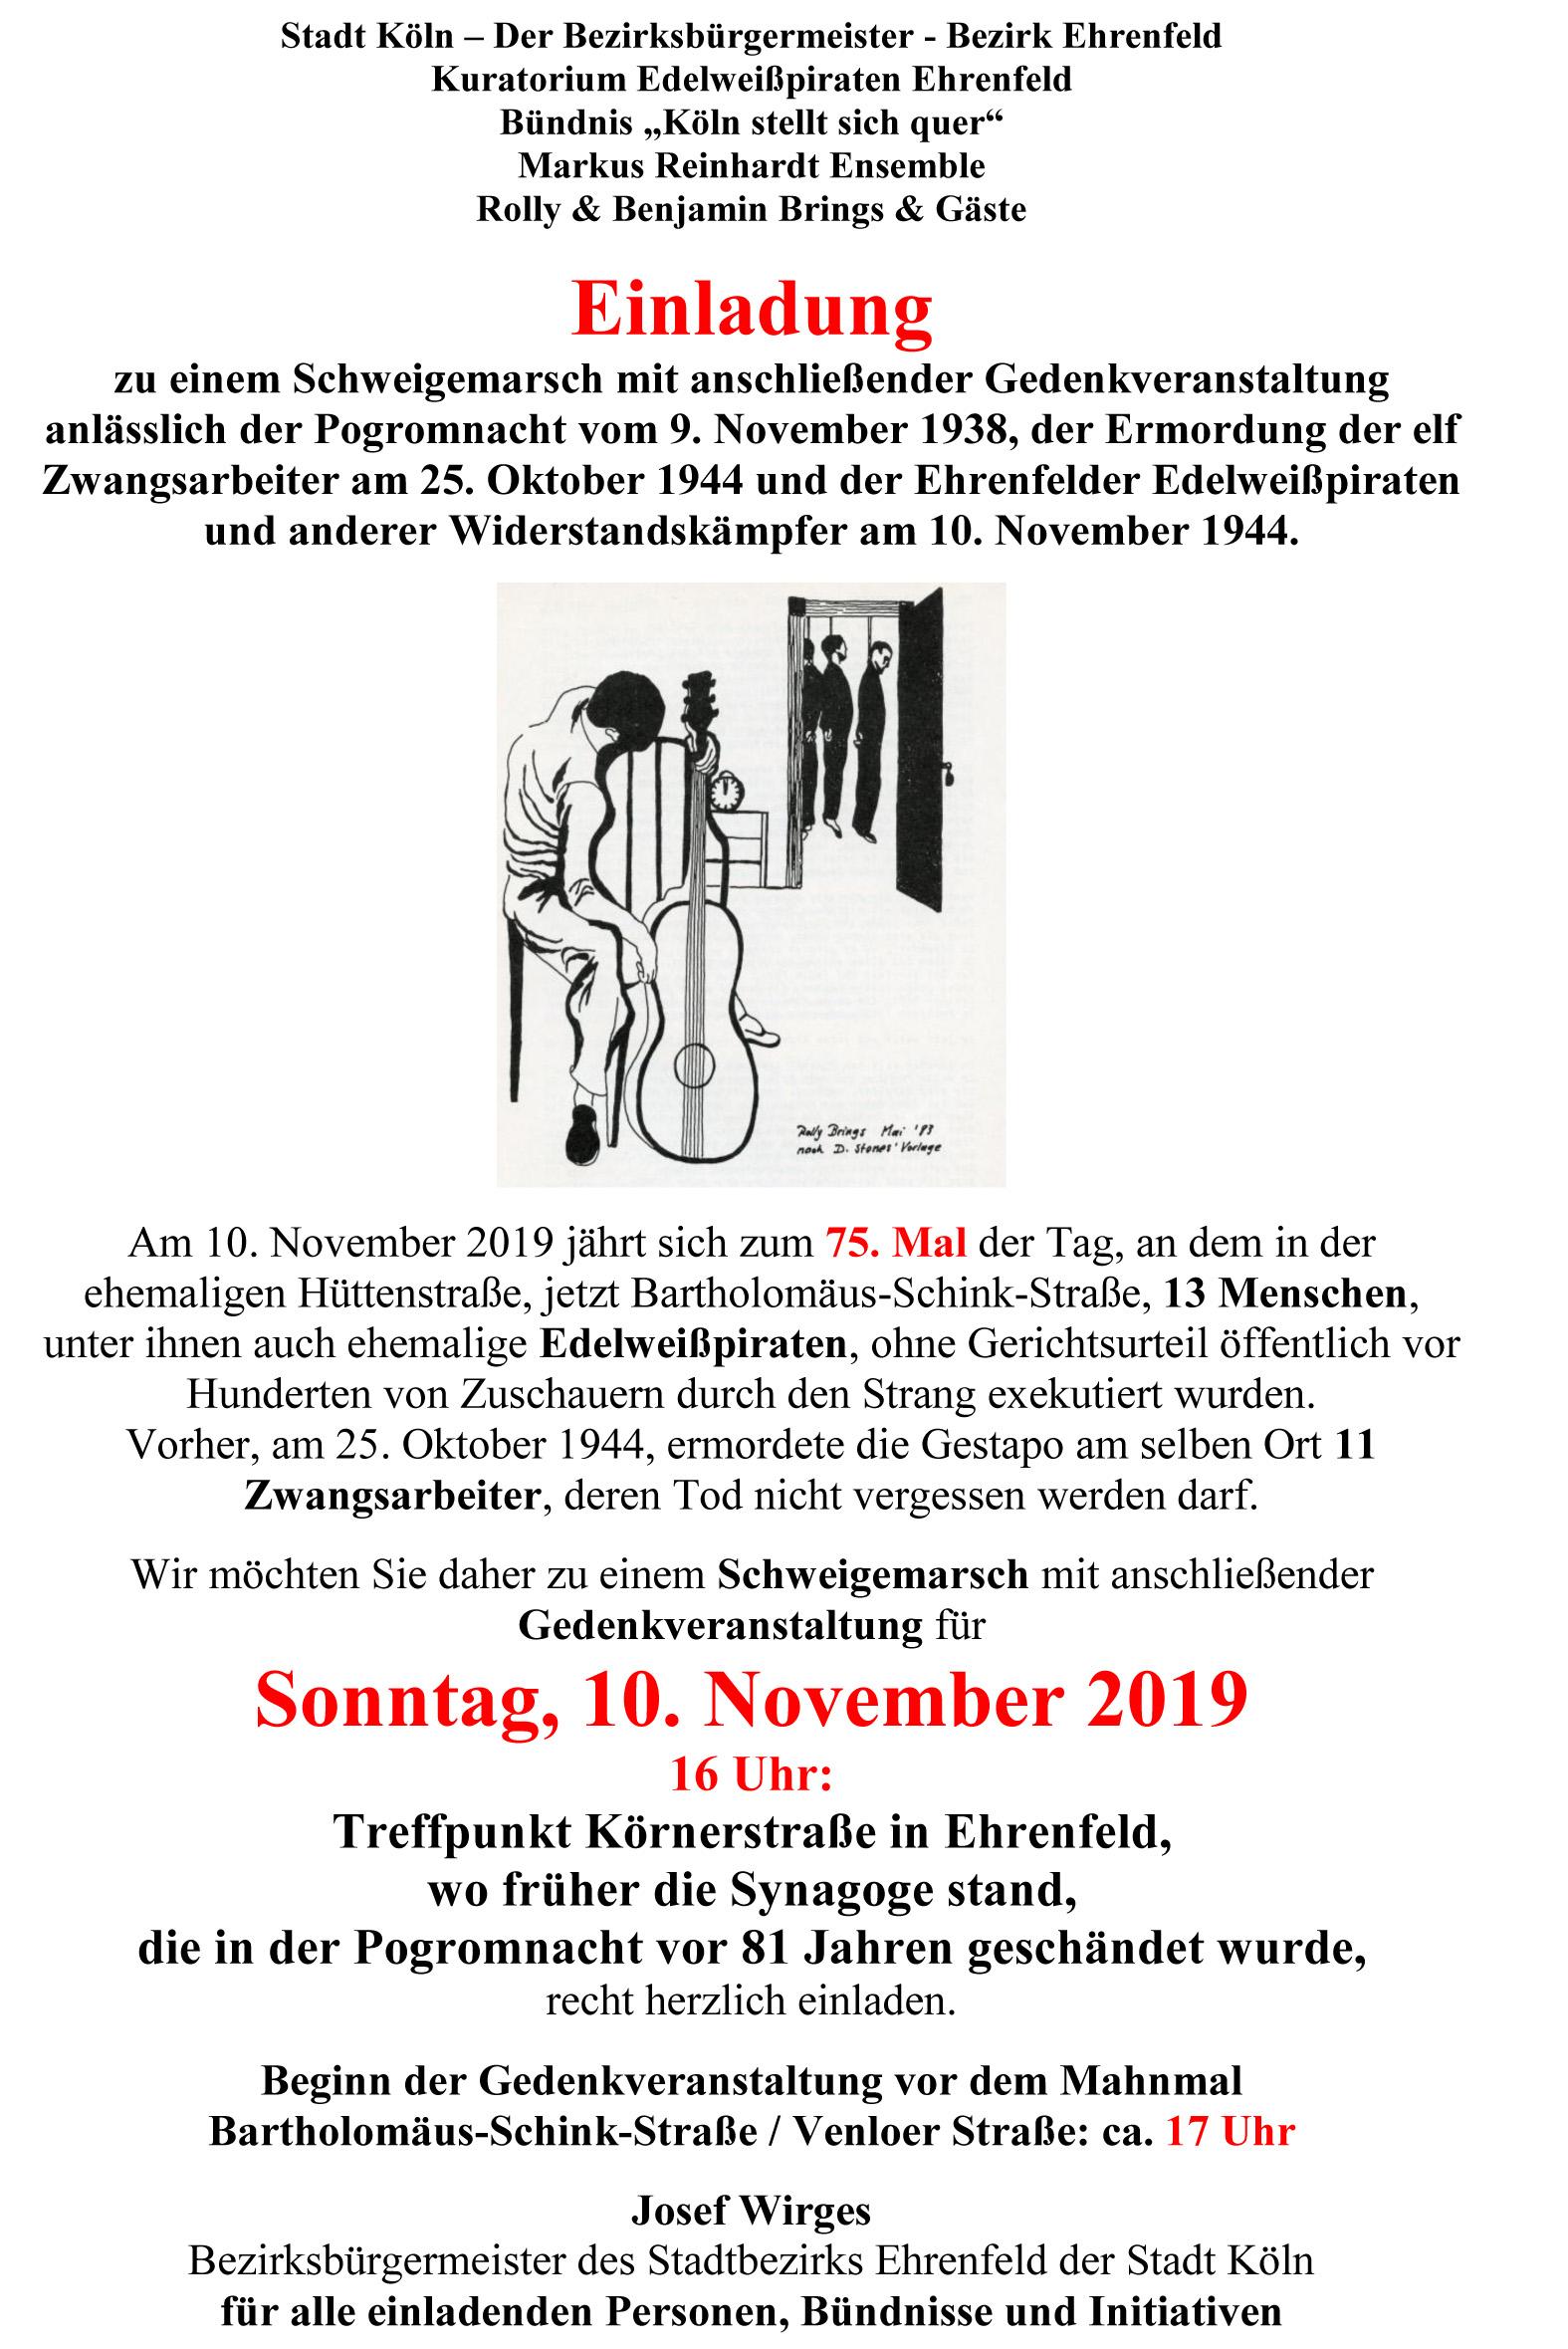 Kuratorium Edelweißpiraten Ehrenfeld